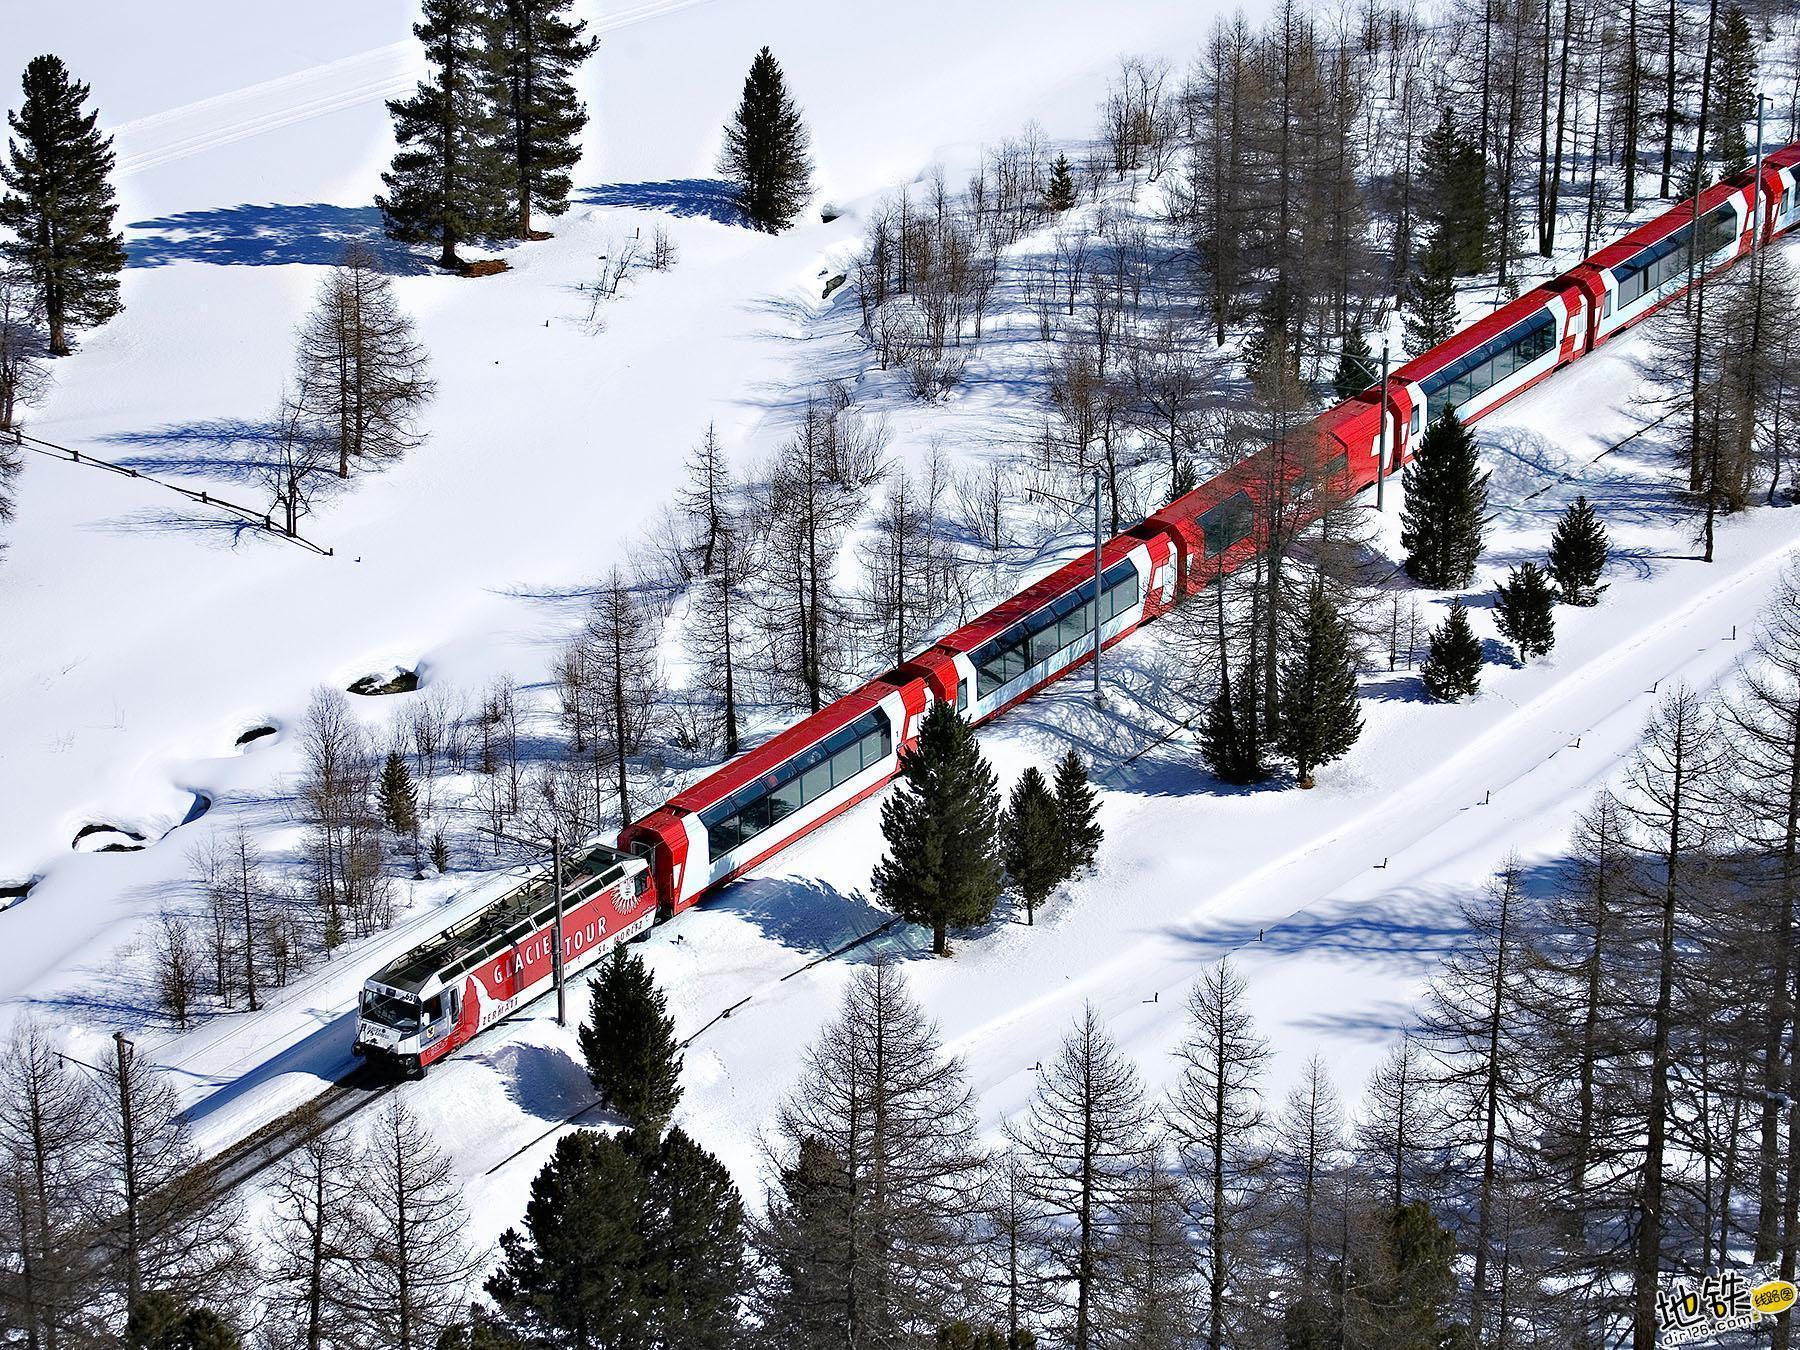 世界上最慢的火车:8小时行驶290公里,乘客却抱怨开太快 瑞士 冰川火车 全球 世界 最慢火车 轨道动态  第1张